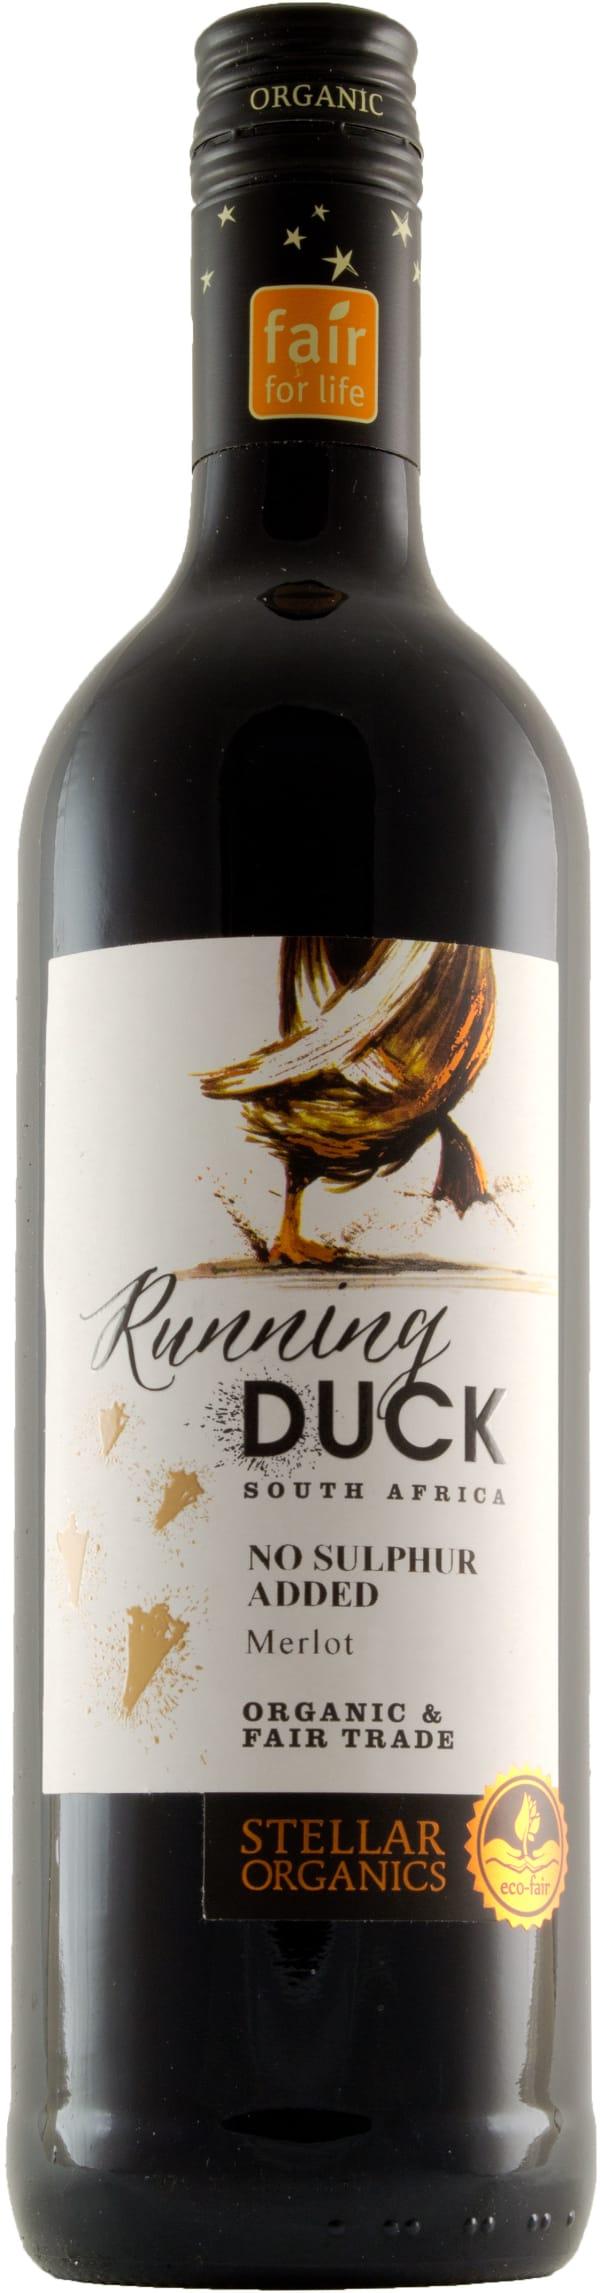 Running Duck Merlot 2018